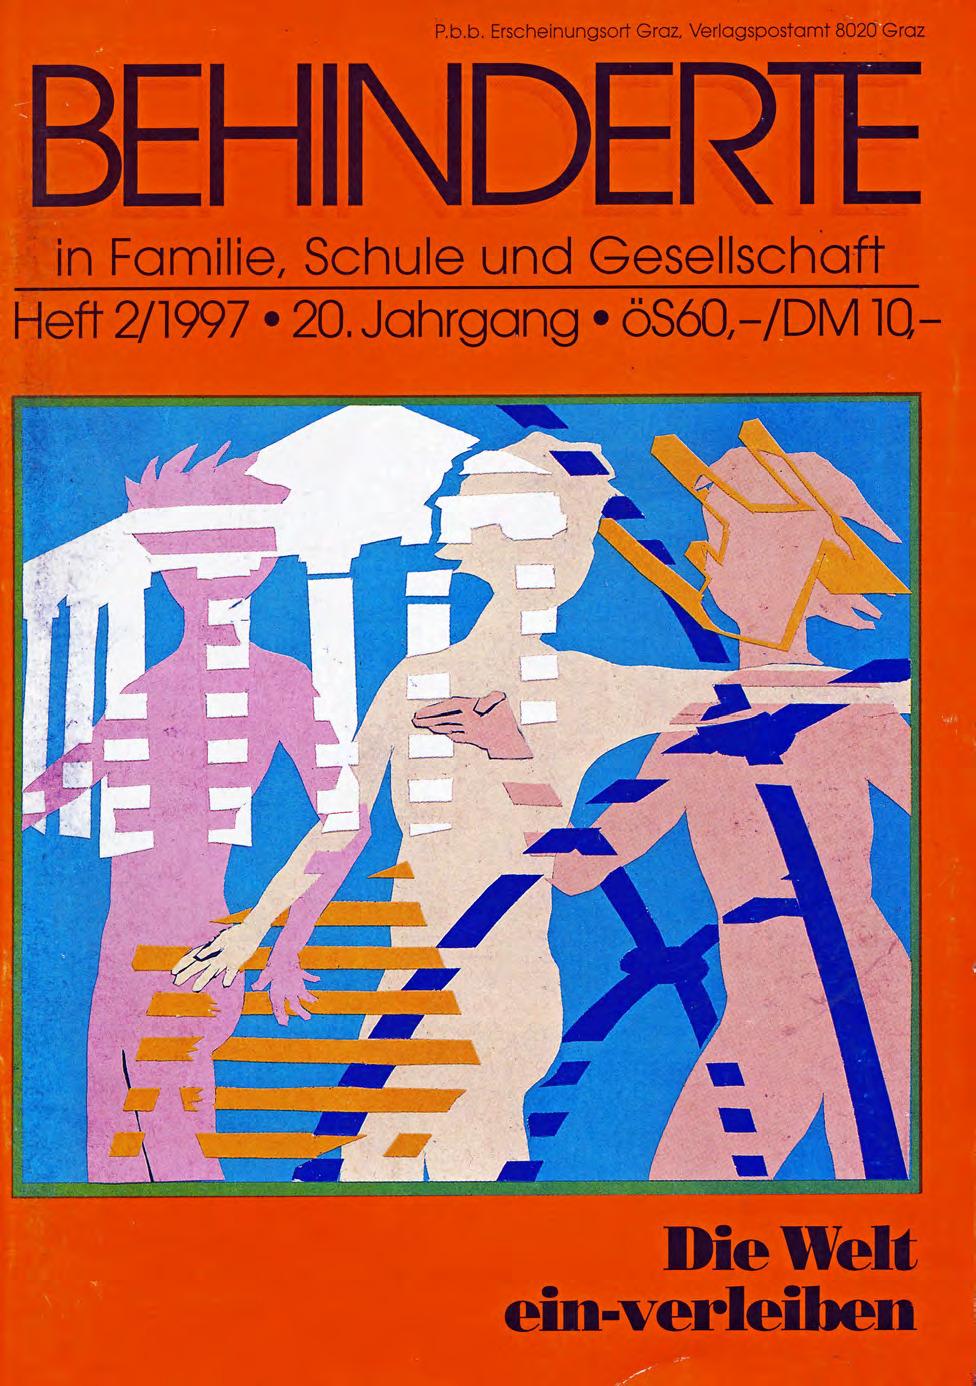 """Titelbild der Zeitschrift BEHINDERTE MENSCHEN, Ausgabe 2/1997 """"Die Welt ein-verleiben"""""""